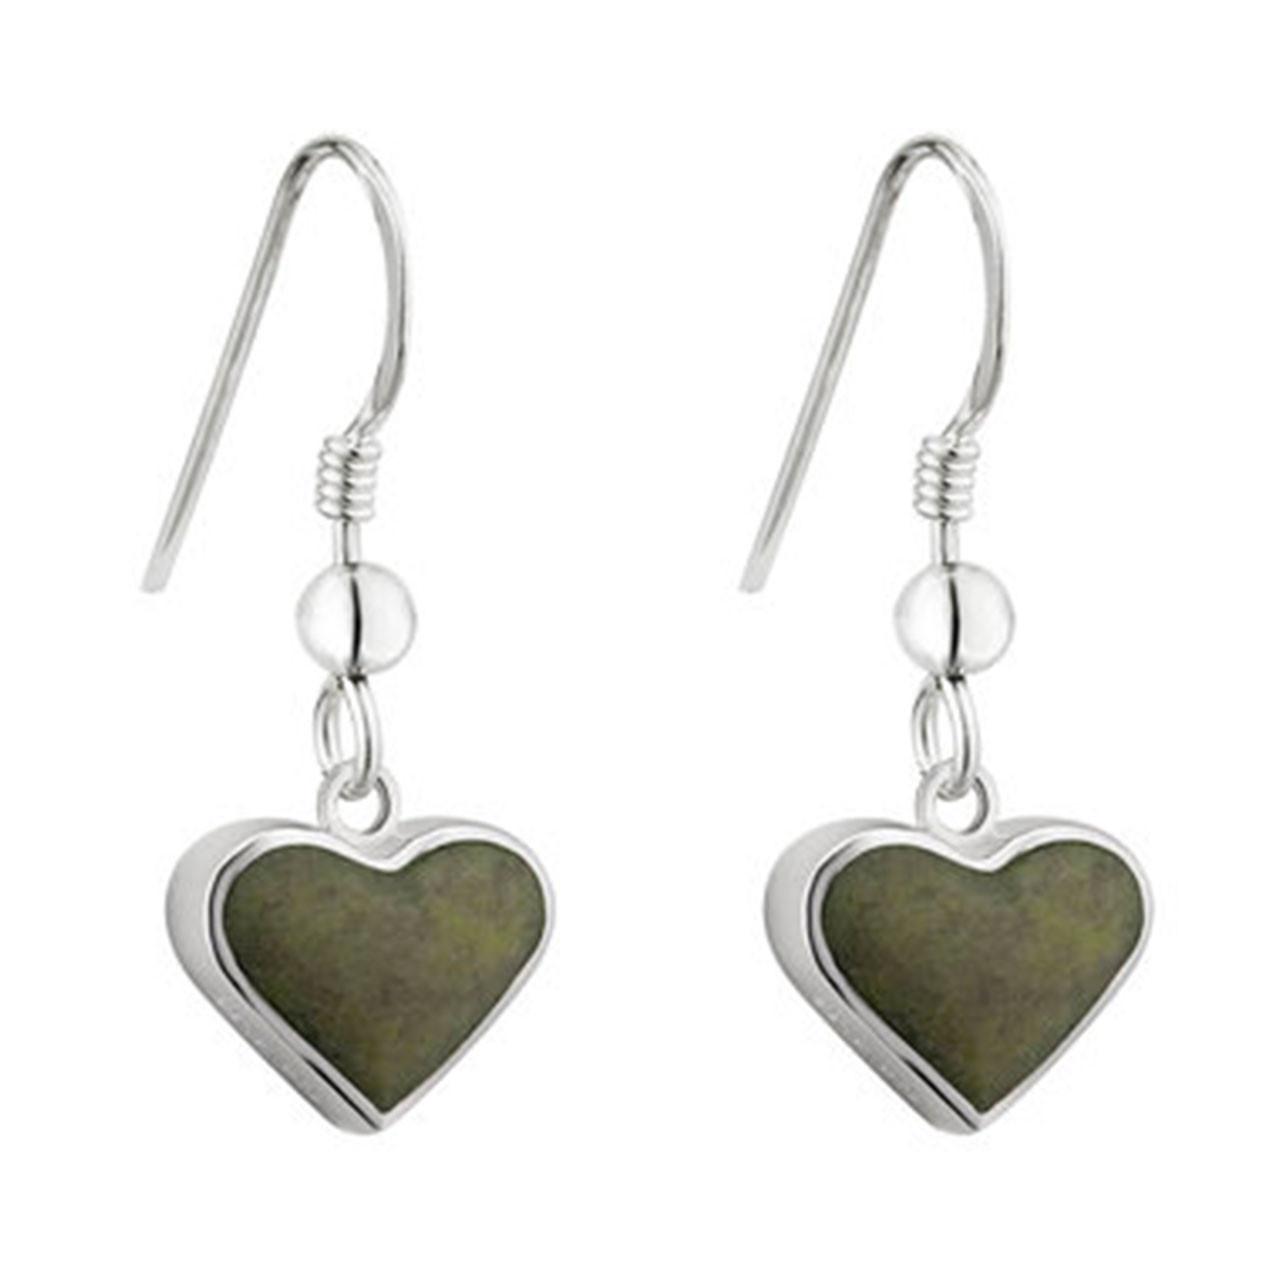 Heart Connemara Irish Earrings